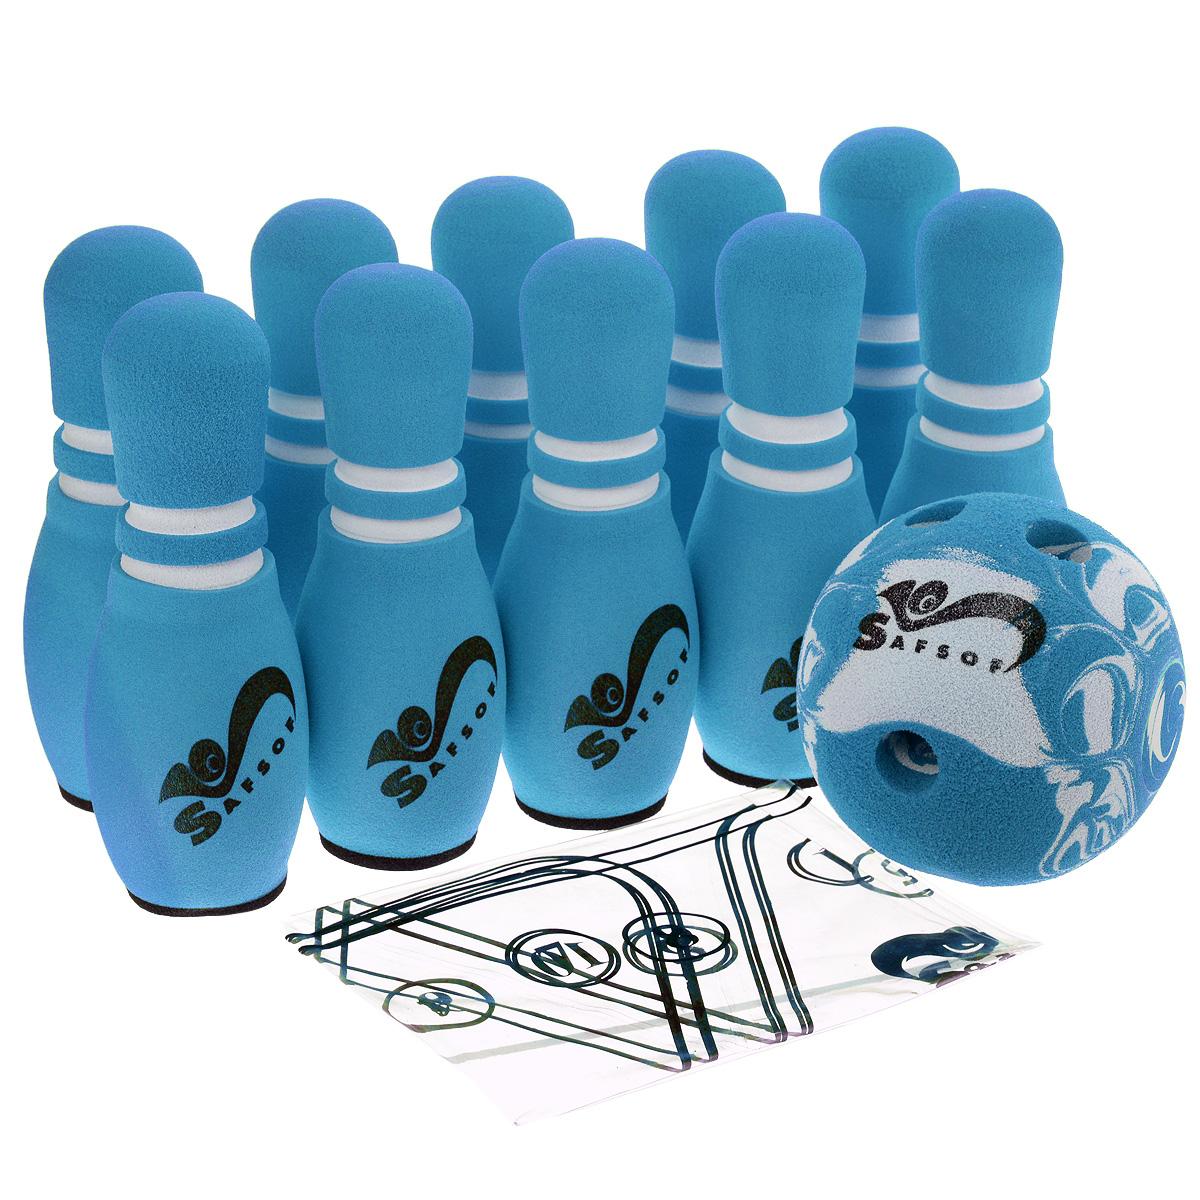 """Игровой набор Safsof """"Боулинг"""", изготовленный из вспененной резины, состоит из десяти кеглей и одного шара. Он безопасен и мягок, это обеспечивает безопасность ребенку. Суть игры в боулинг - сбить шаром максимальное количество кеглей. Число игроков и количество туров - произвольное. Очки, набранные с каждым броском мяча, рассматриваются как количество сбитых кегель. Расстояние, с которого совершается бросок, определяется игроками. Каждый игрок имеет право на два броска в одной рамке (рамка - треугольник, на поле которого выстраиваются кегли перед каждым первым броском очередного игрока). Бросок, при котором все кегли сбиты, называется """"страйк"""" и обозначается как Х. Если все кегли сбиты первым броском, второй бросок не требуется: рамка считается закрытой. Призовые очки за страйк - это сумма кеглей, сбитых игроком следующими двумя бросками. Выигрывает тот игрок, который в сумме набирает больше очков. Диаметр шара: 12 см. Высота кегель: 21 см."""